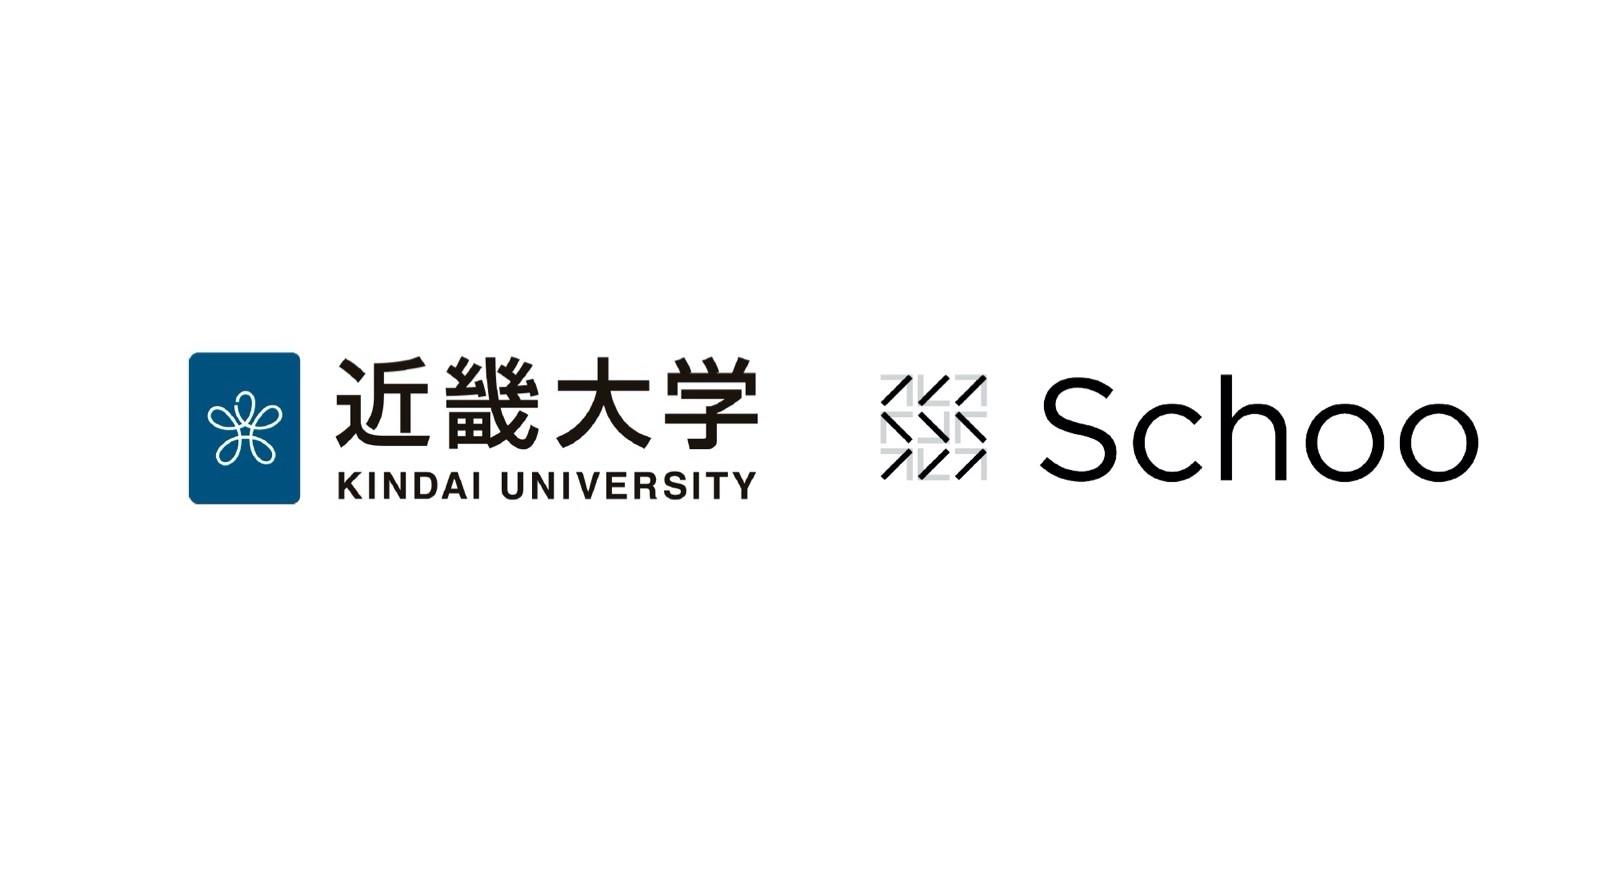 近畿大学とSchooがアドバイザリー契約締結 近畿大学のデジタルトランスフォーメーション推進をSchooが支援